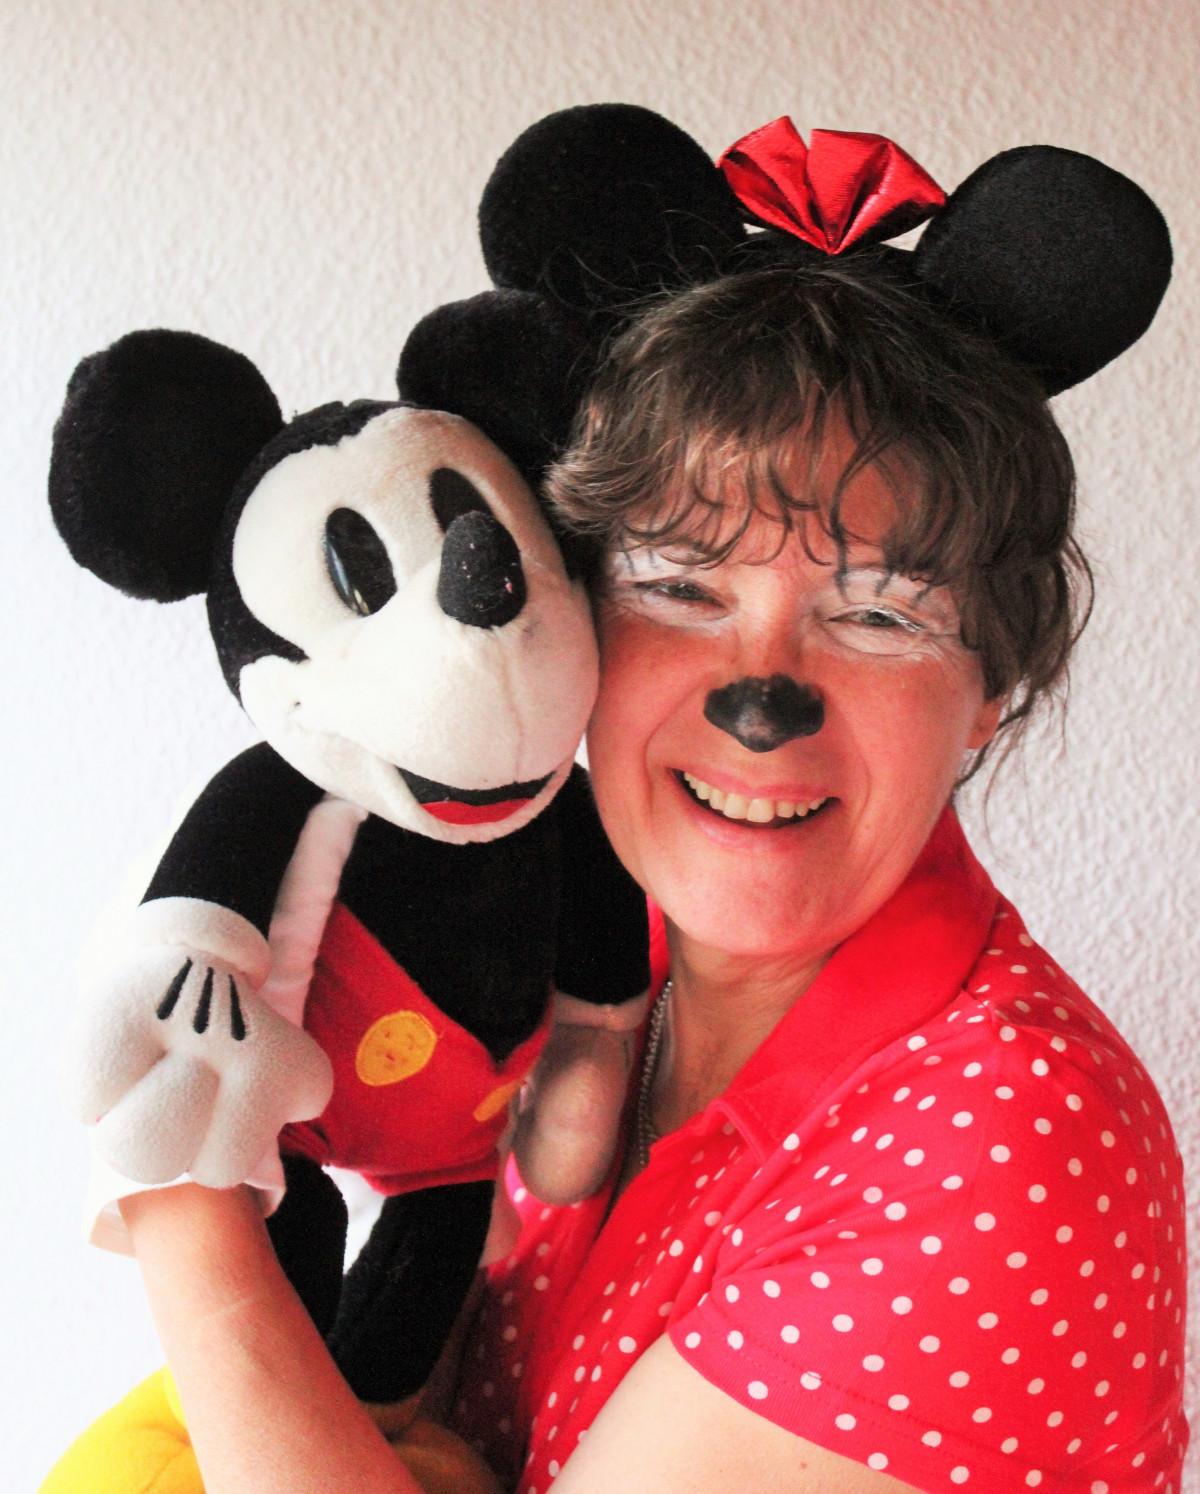 Images gratuites fille femme doux portrait carnaval habill visage nez costume fondu - Habiller des filles gratuit ...